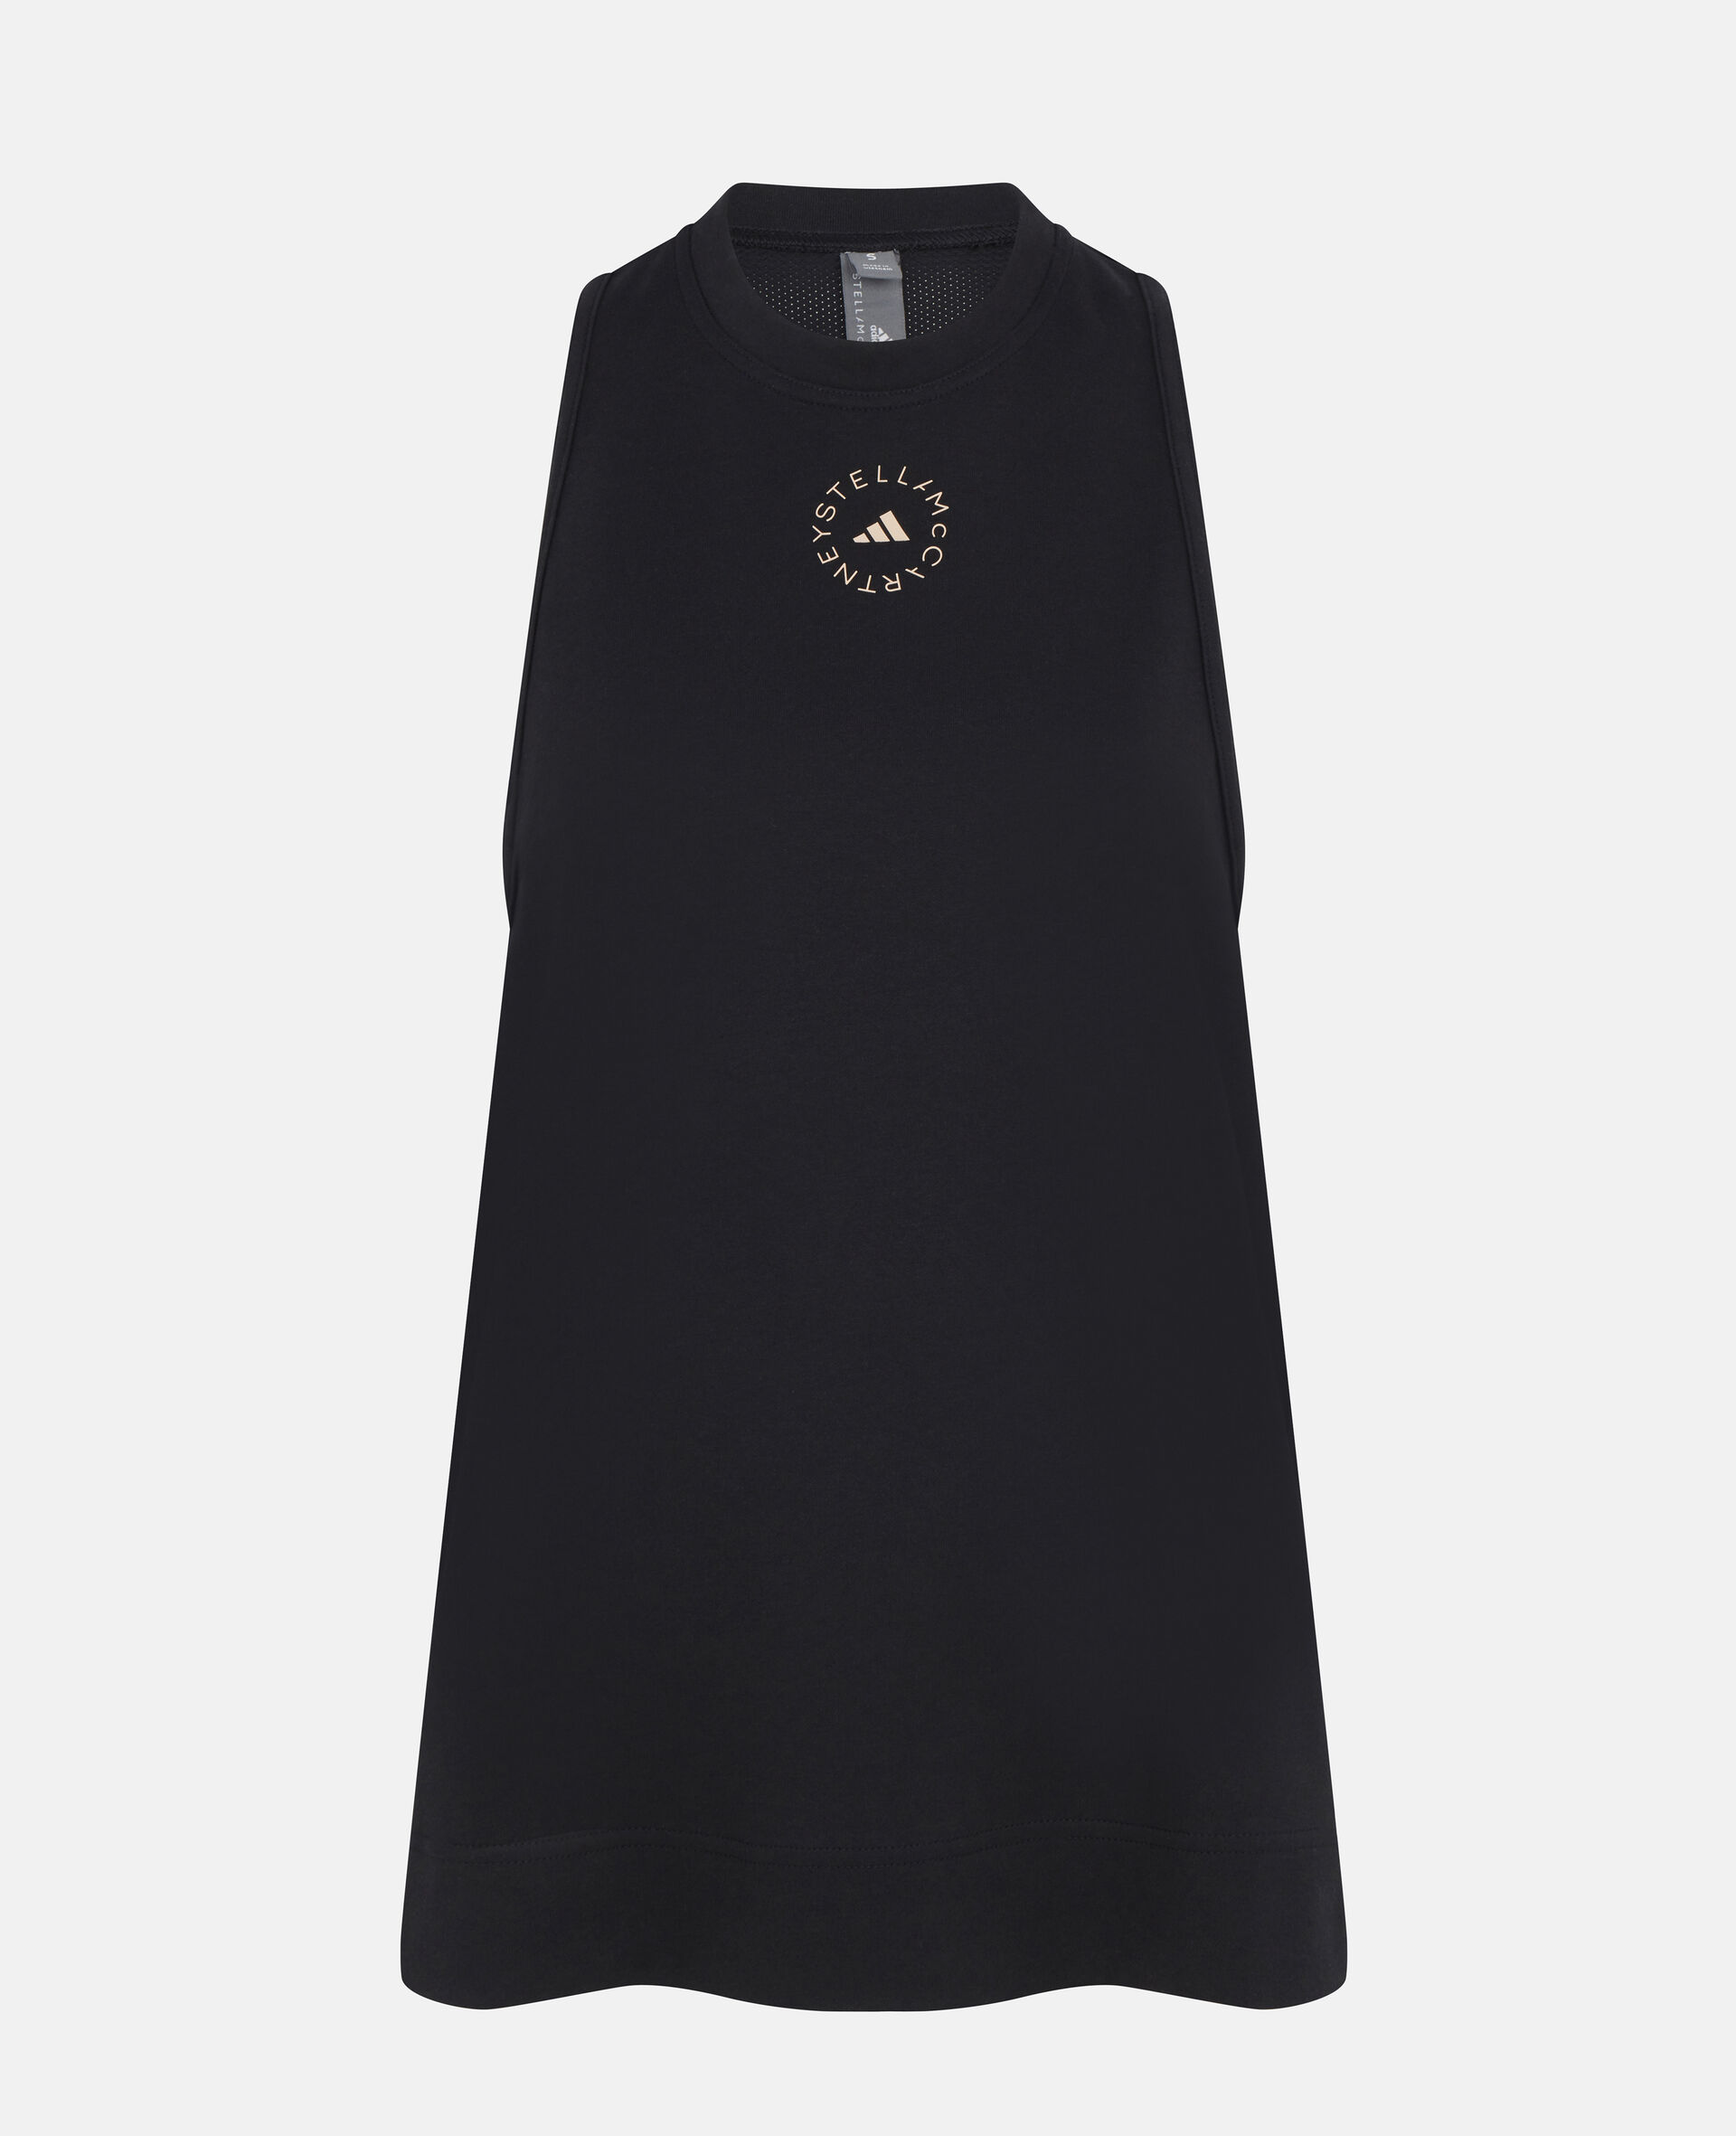 黑色训练背心式上衣-黑色-large image number 0